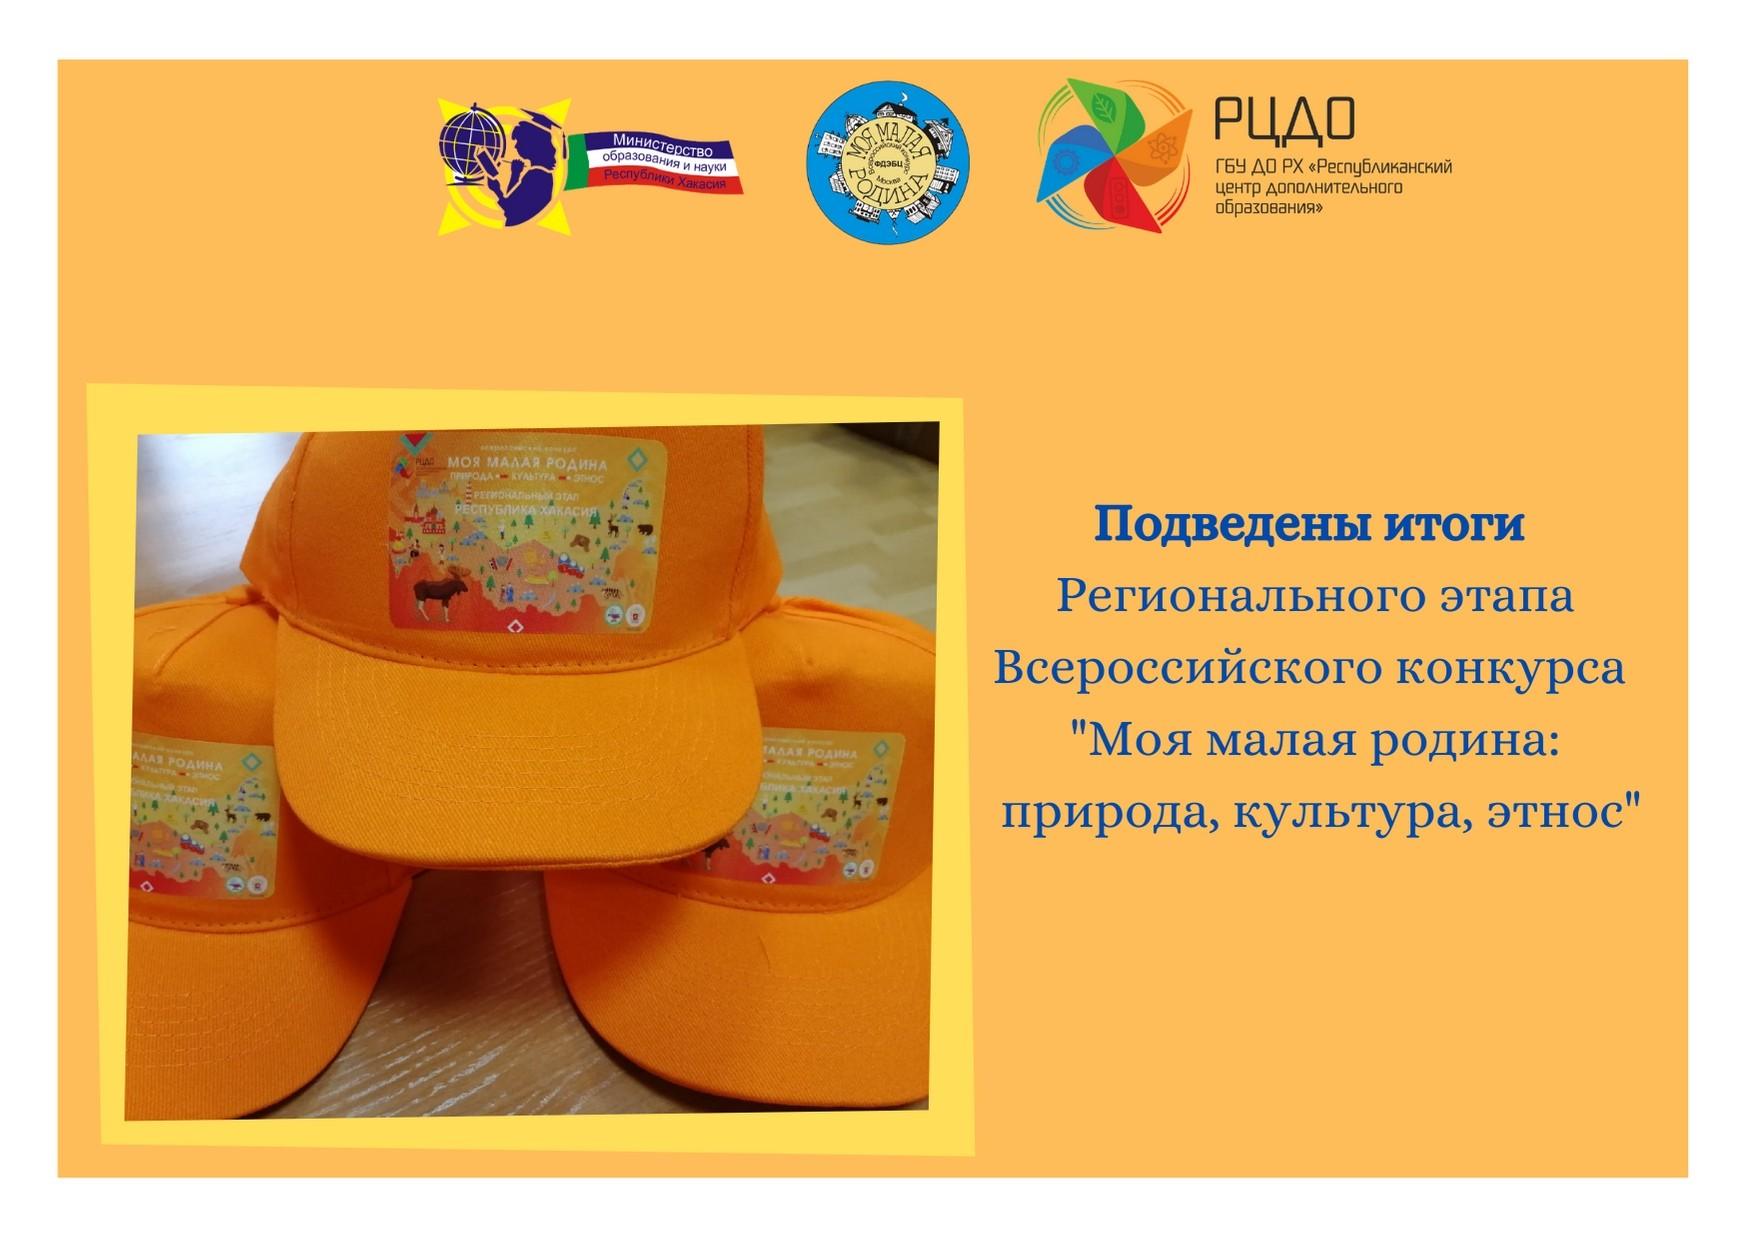 Подведены итоги Регионального этапа Всероссийского конкурса «Моя малая родина: природа, культура, этнос»